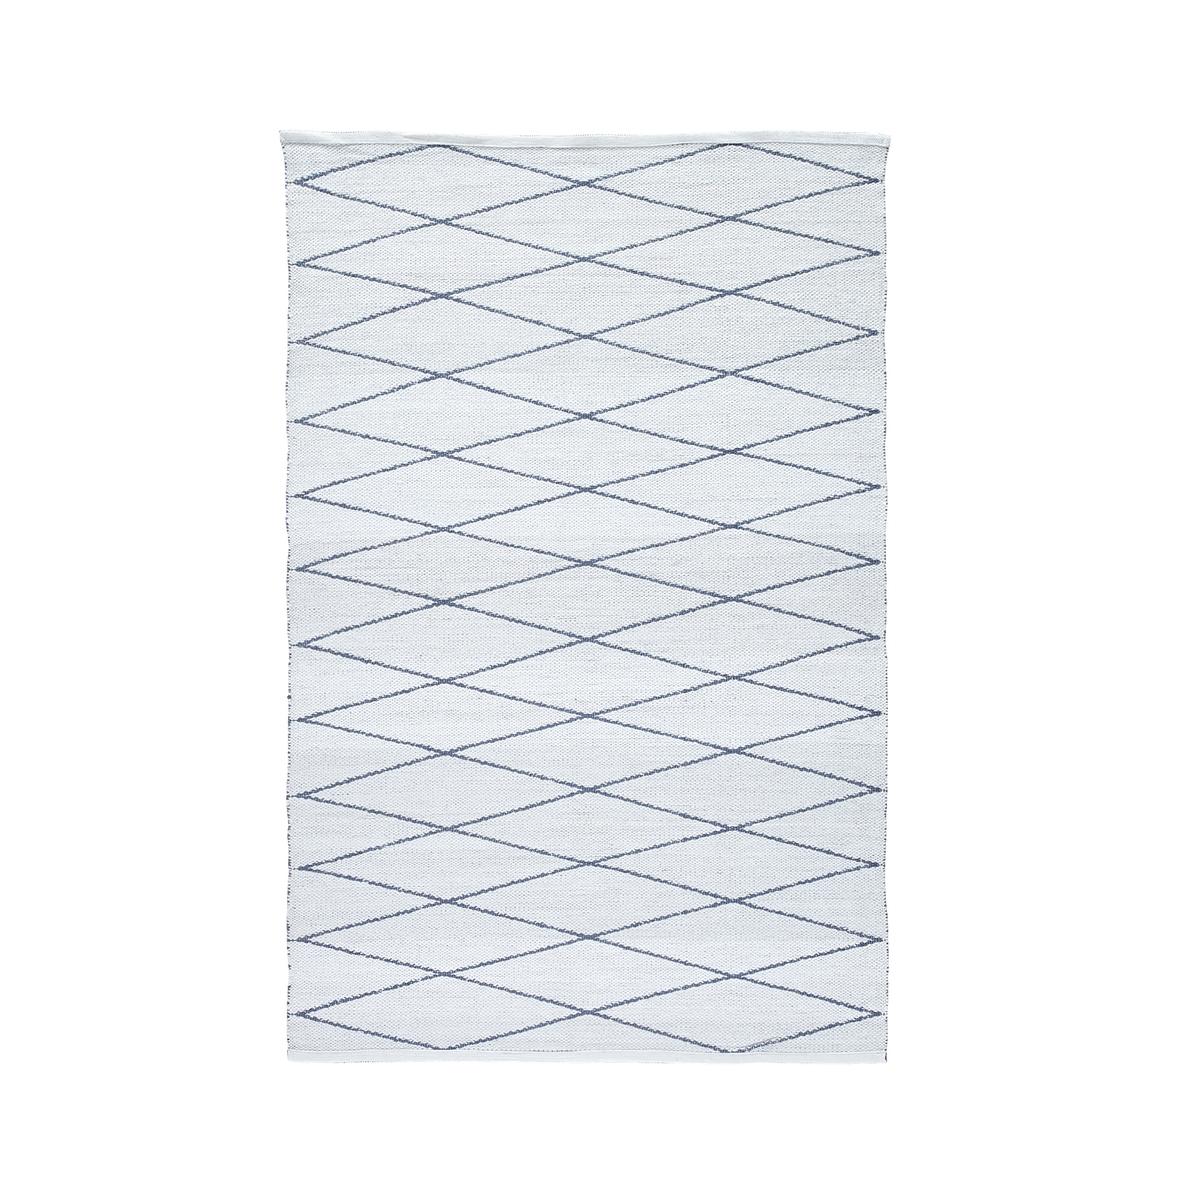 цена Ковер La Redoute Misako для дома или открытого воздуха с принтом 120 x 180 см белый онлайн в 2017 году